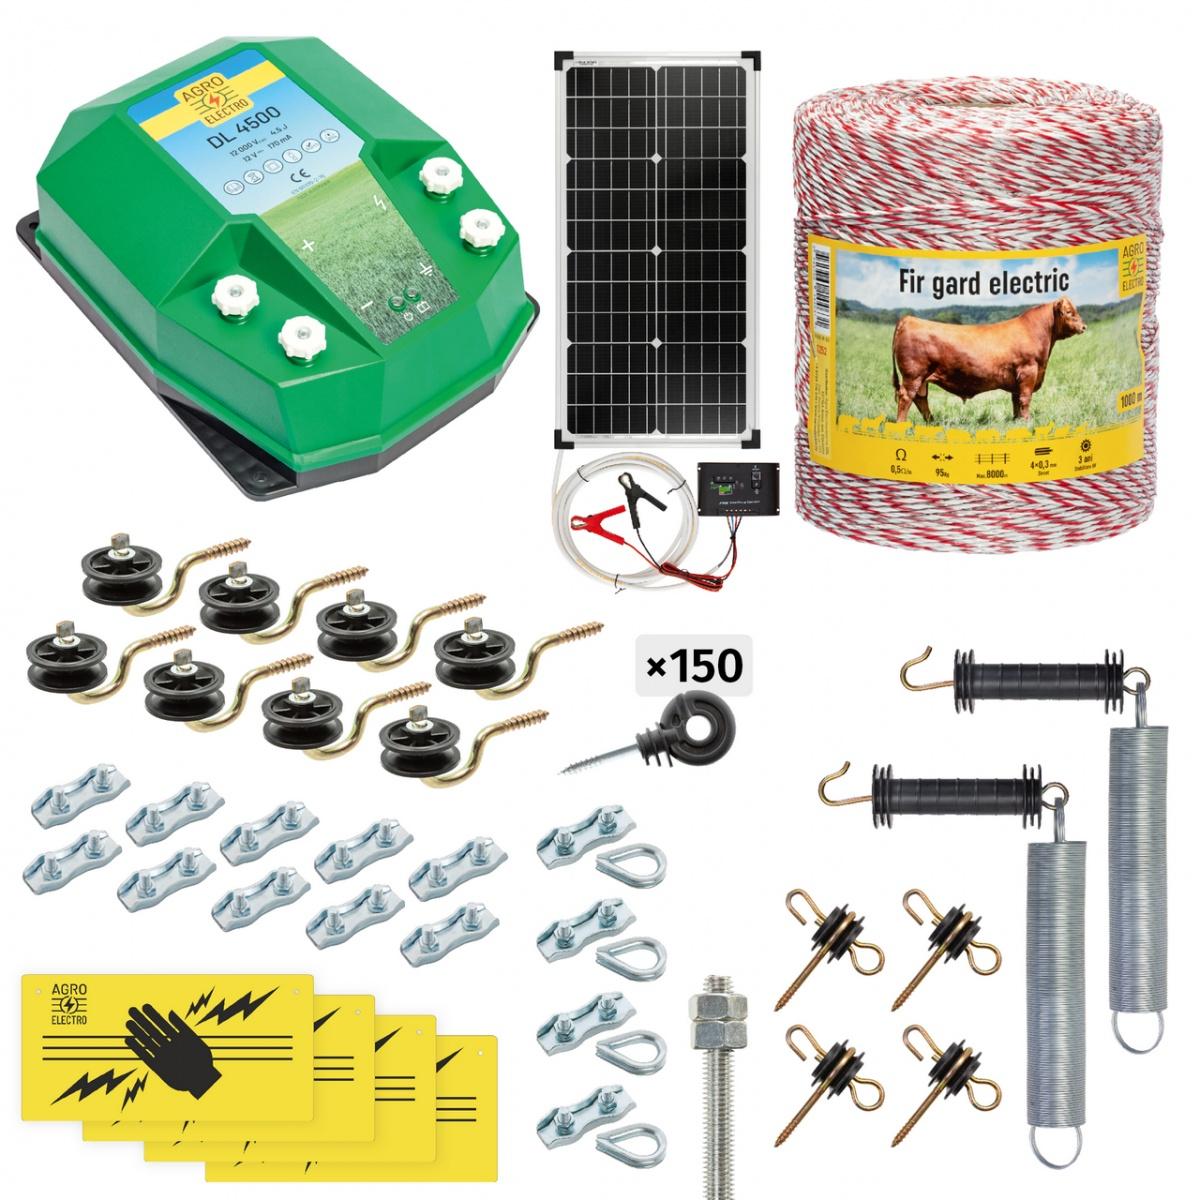 Pachet gard electric complet 1000m, 4,5Joule, cu sistem solar, pentru animale domestice